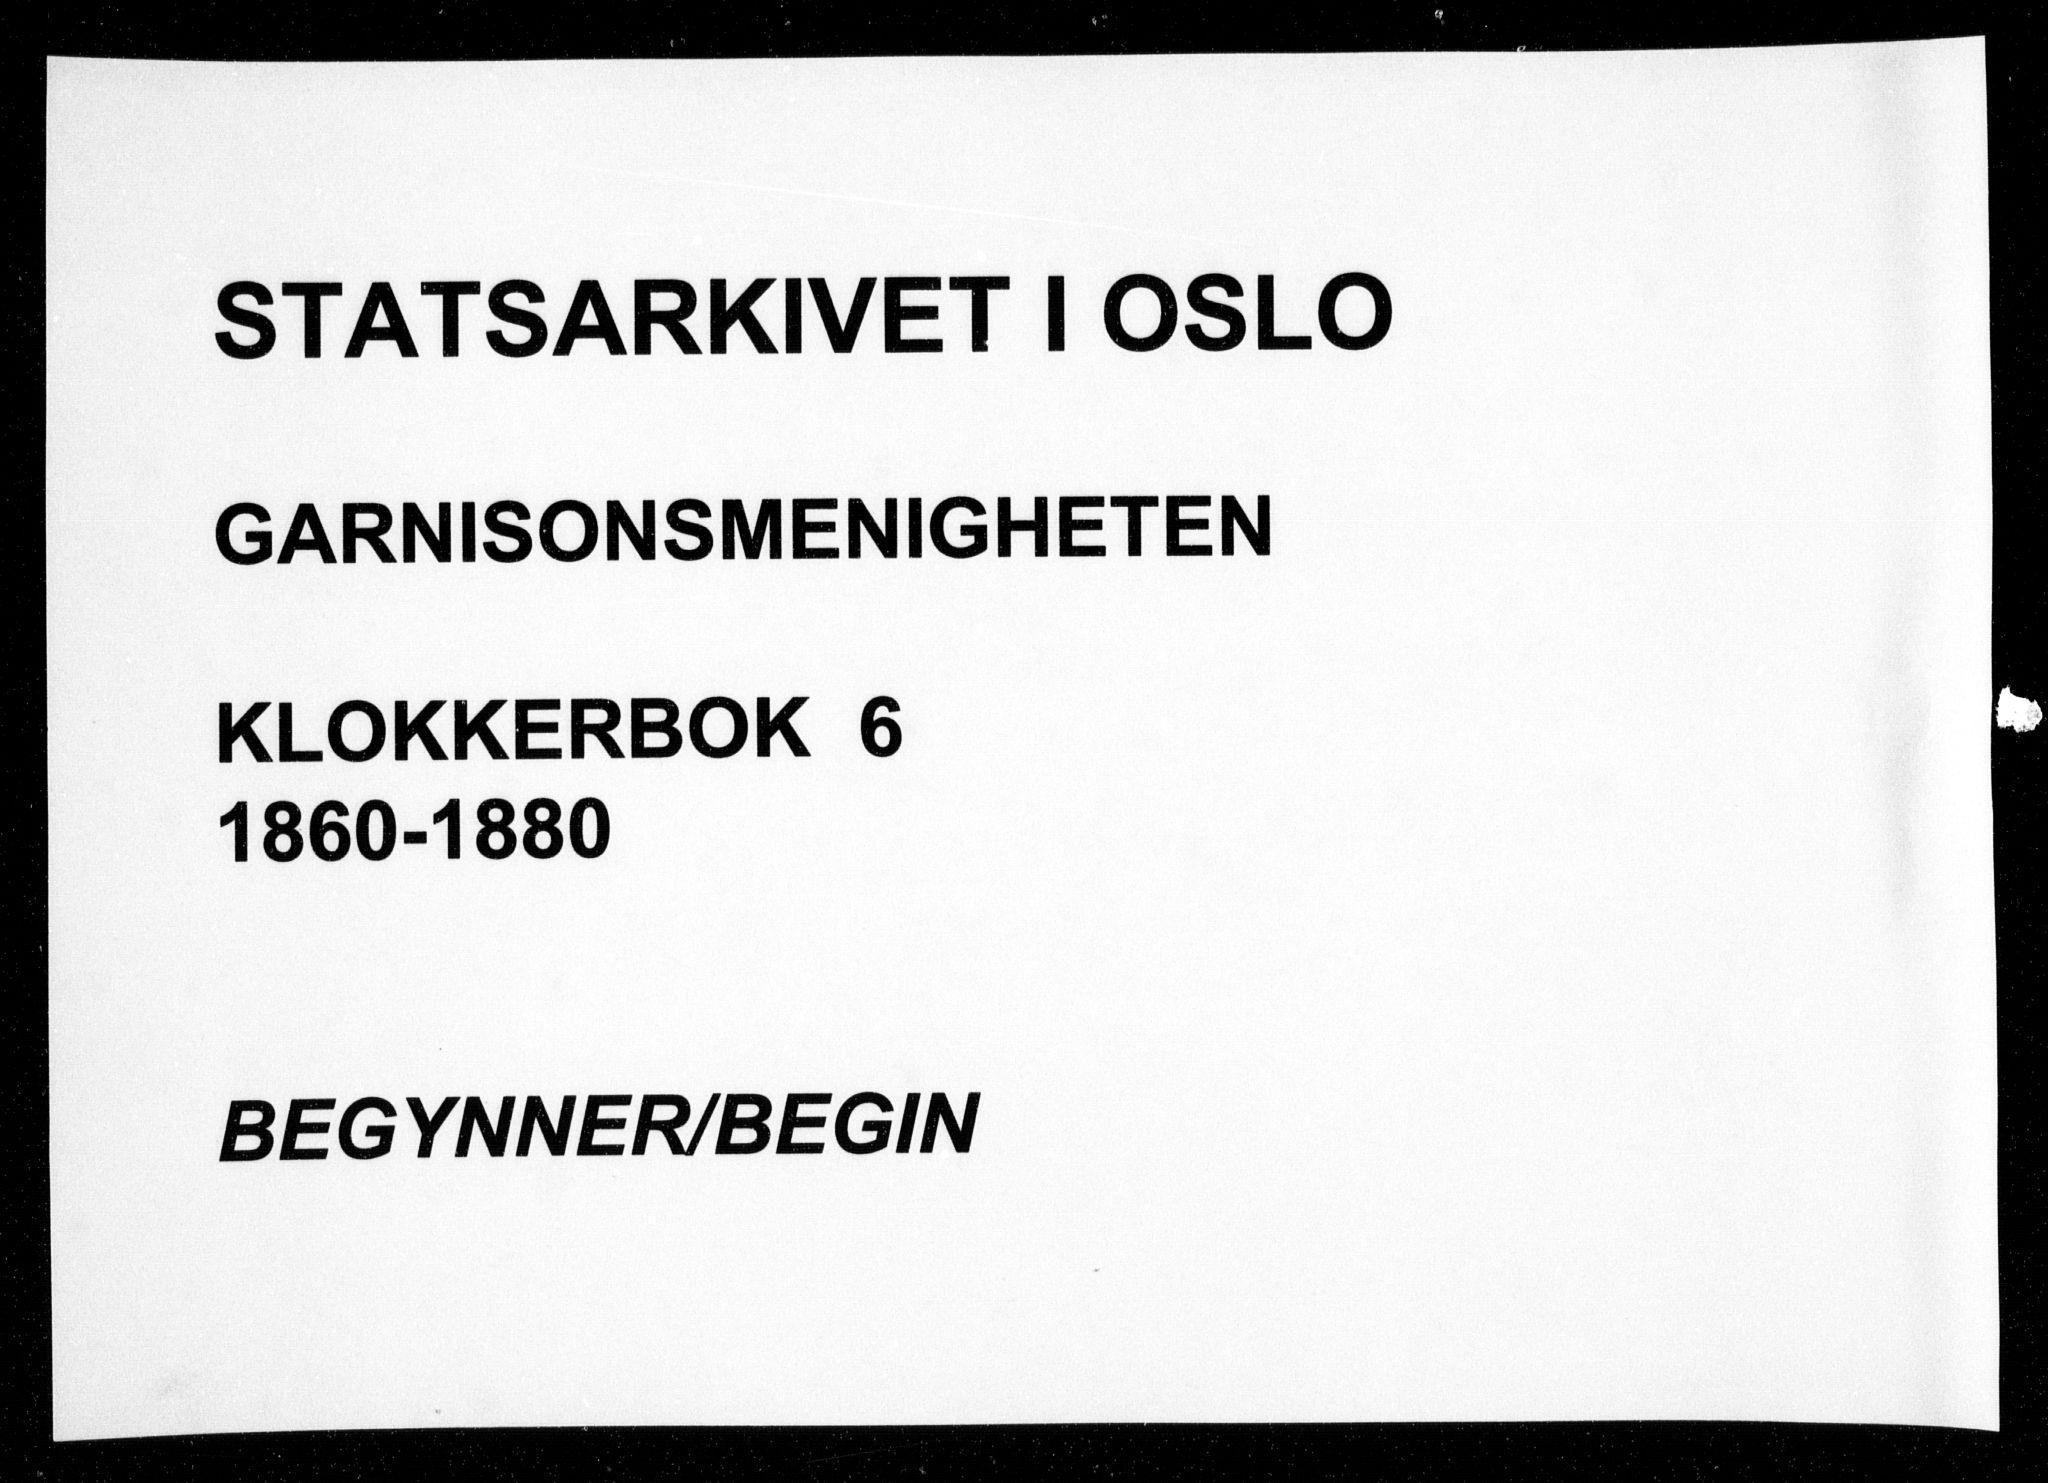 SAO, Garnisonsmenigheten Kirkebøker, G/Ga/L0006: Klokkerbok nr. 6, 1860-1880